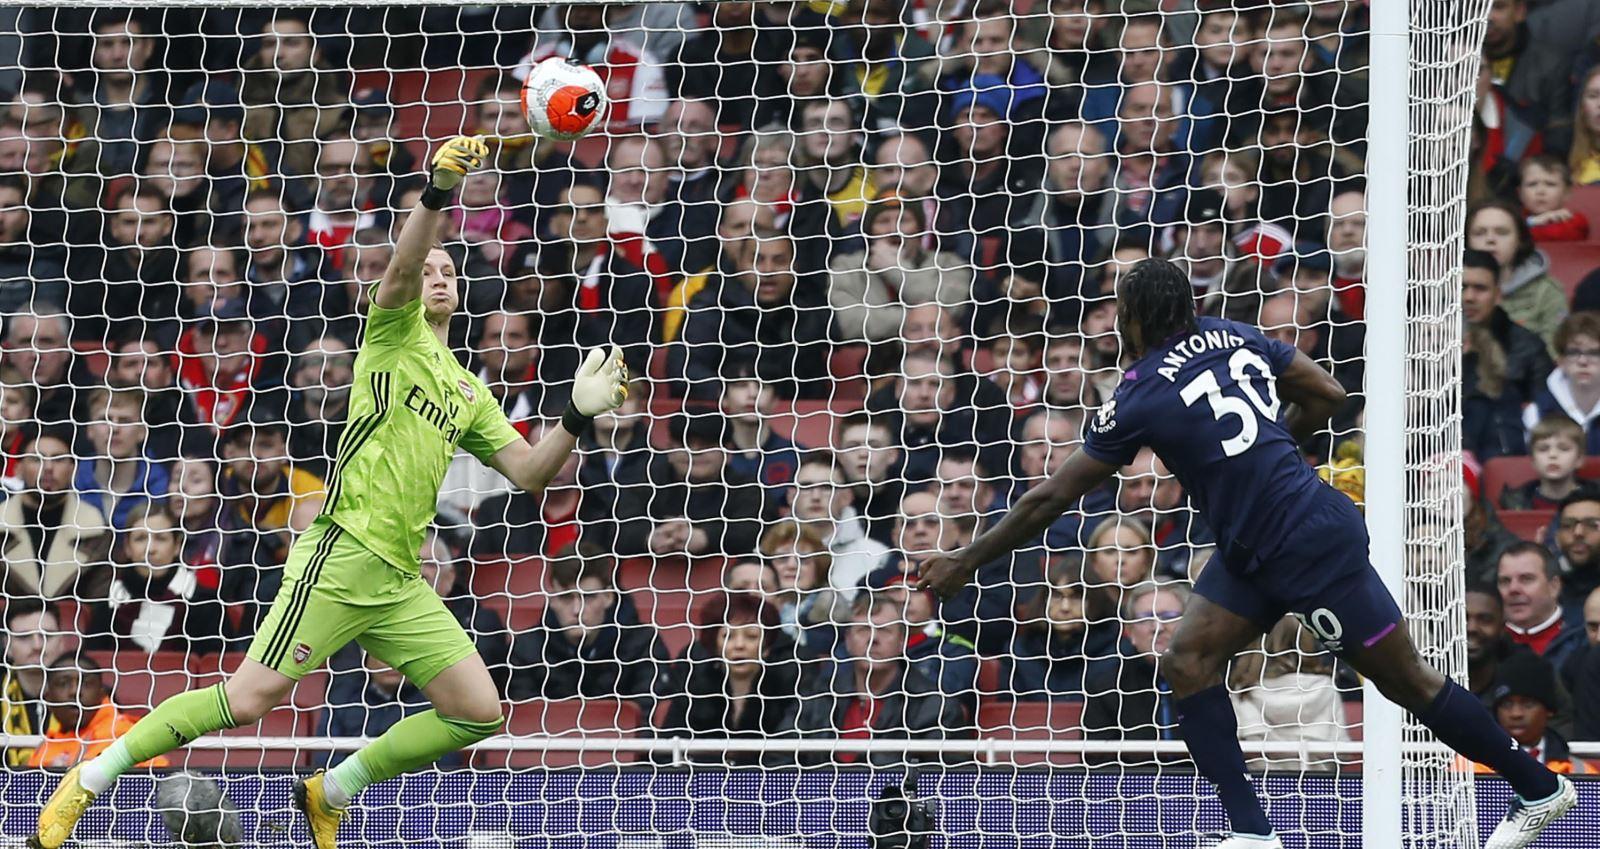 ket qua bong da, Arsenal vs West Ham, K+, K+PM, Lịch thi đấu Ngoại hạng Anh, kết quả bóng đá, Arsenal đấu với West Ham, lich thi dau bong da hom nay, bong da